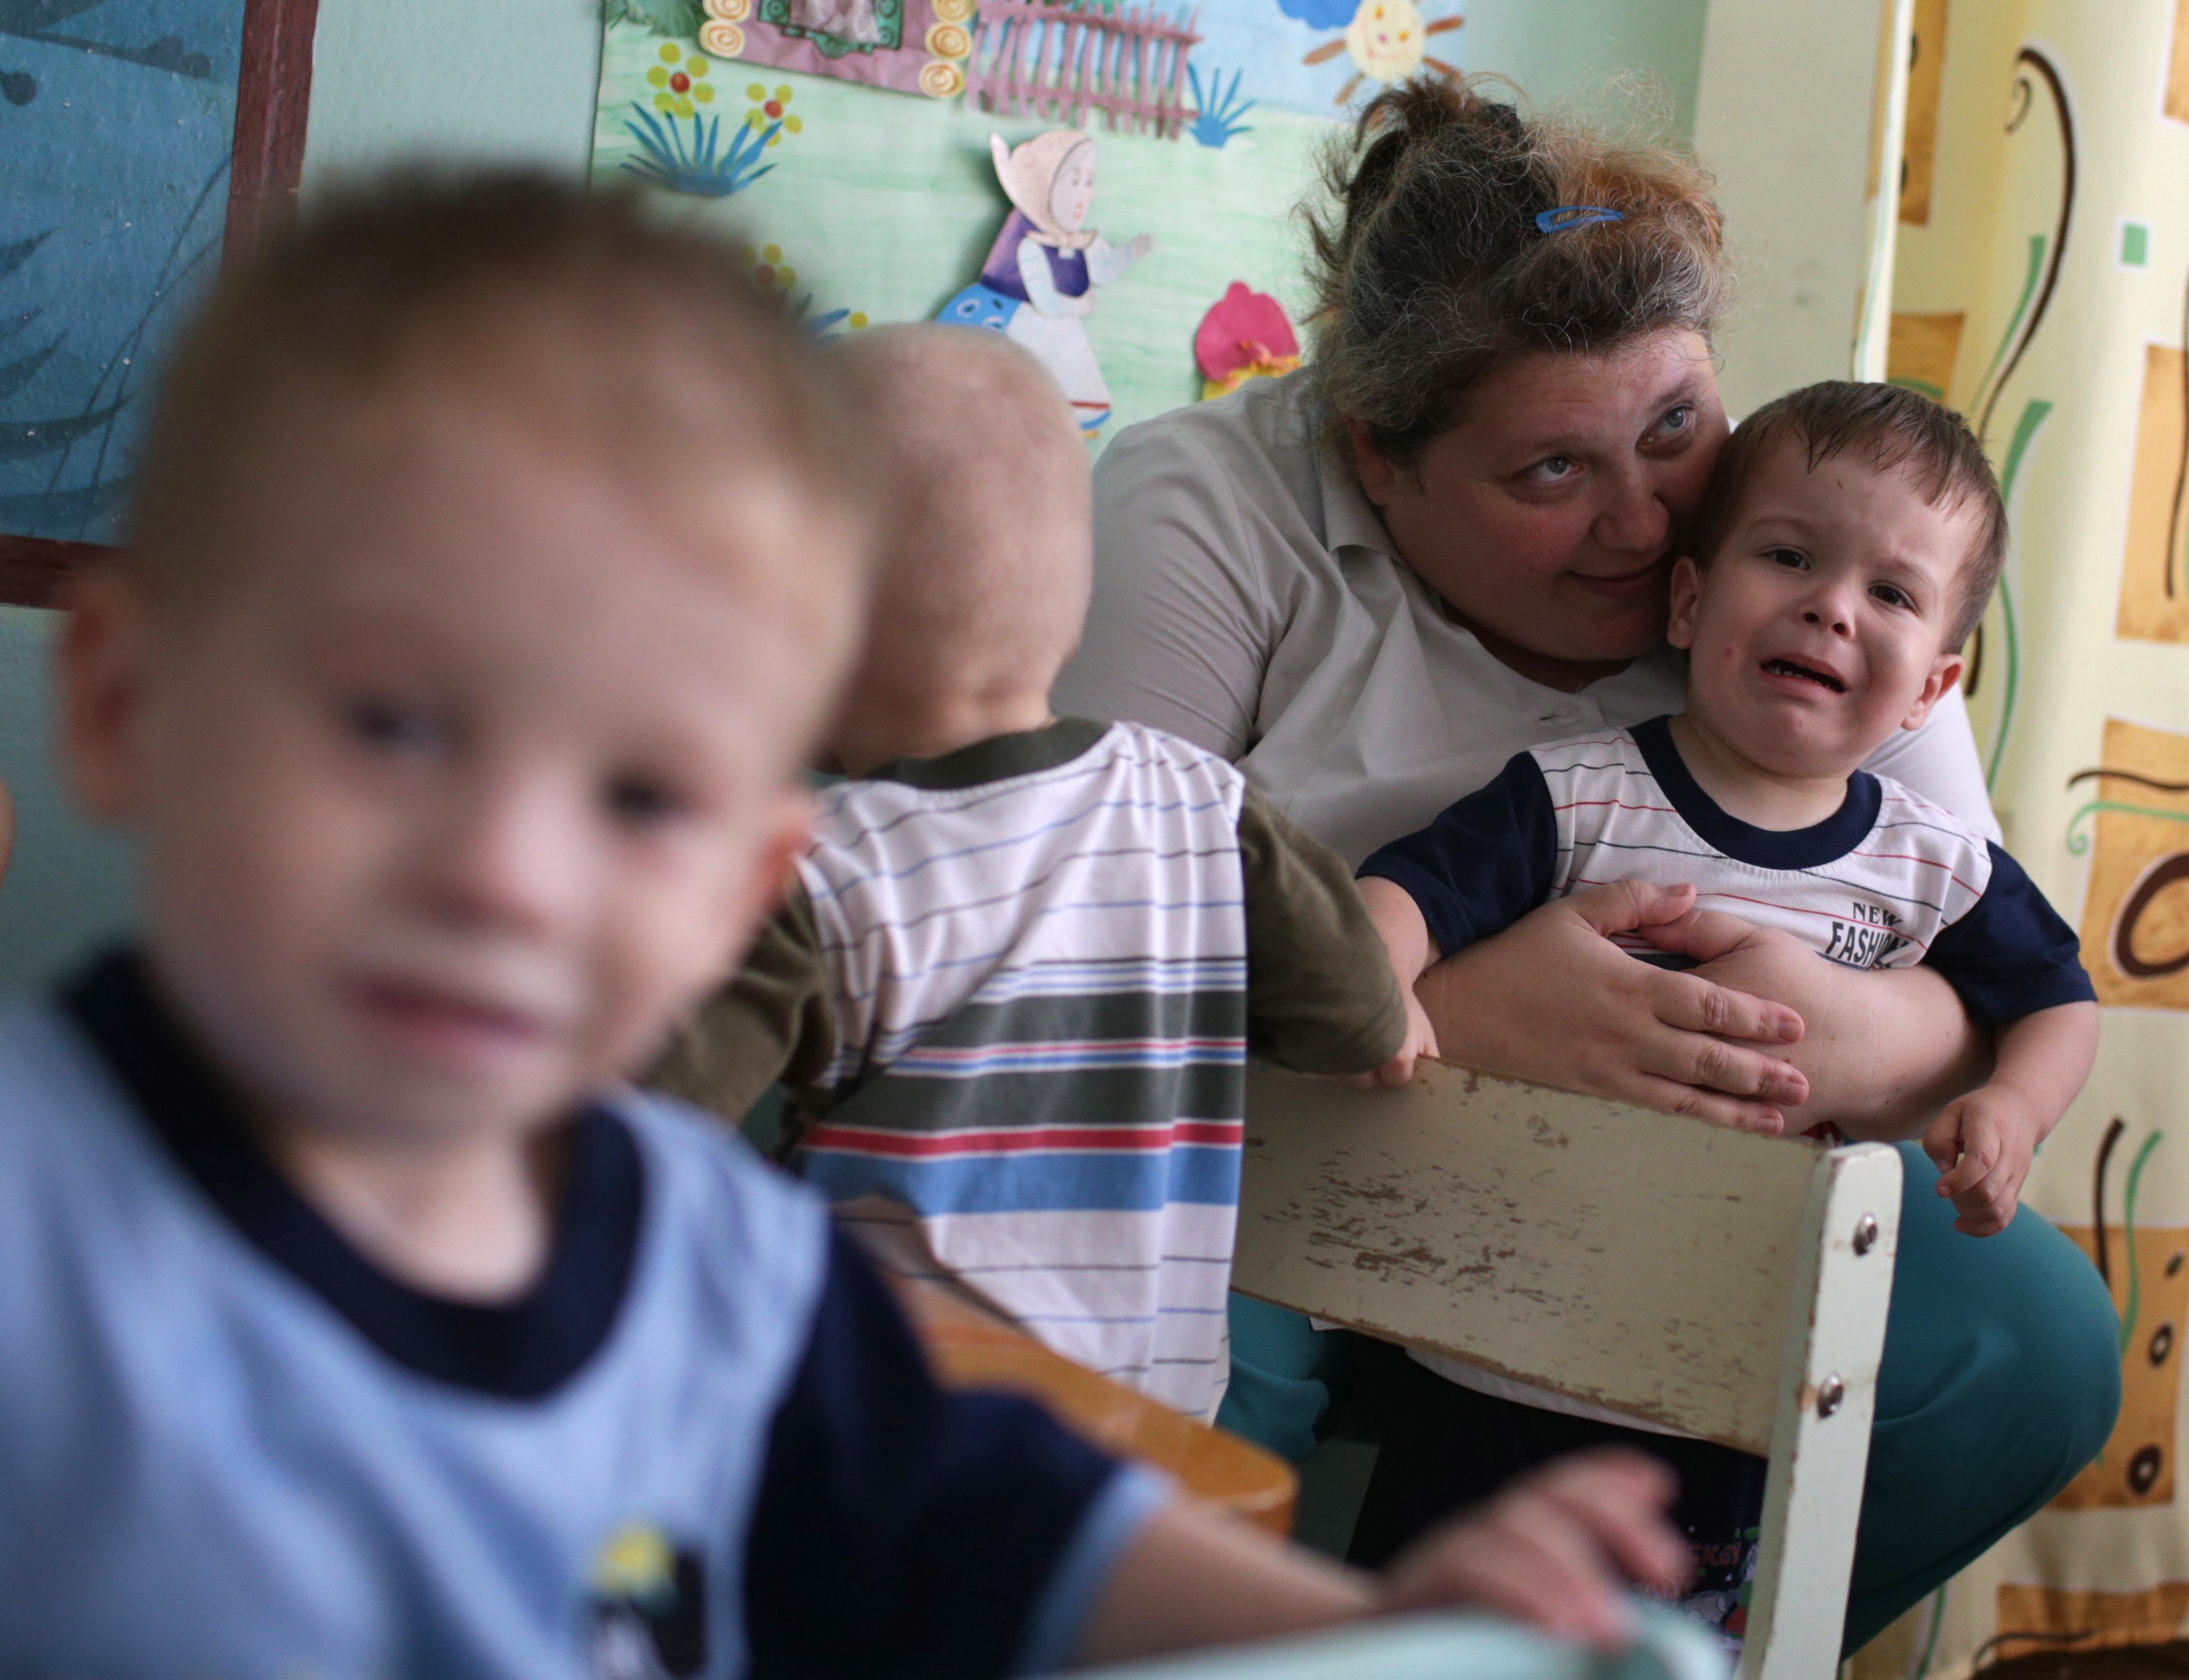 Дом малютки усыновление фото детей в санктпетербурге 4